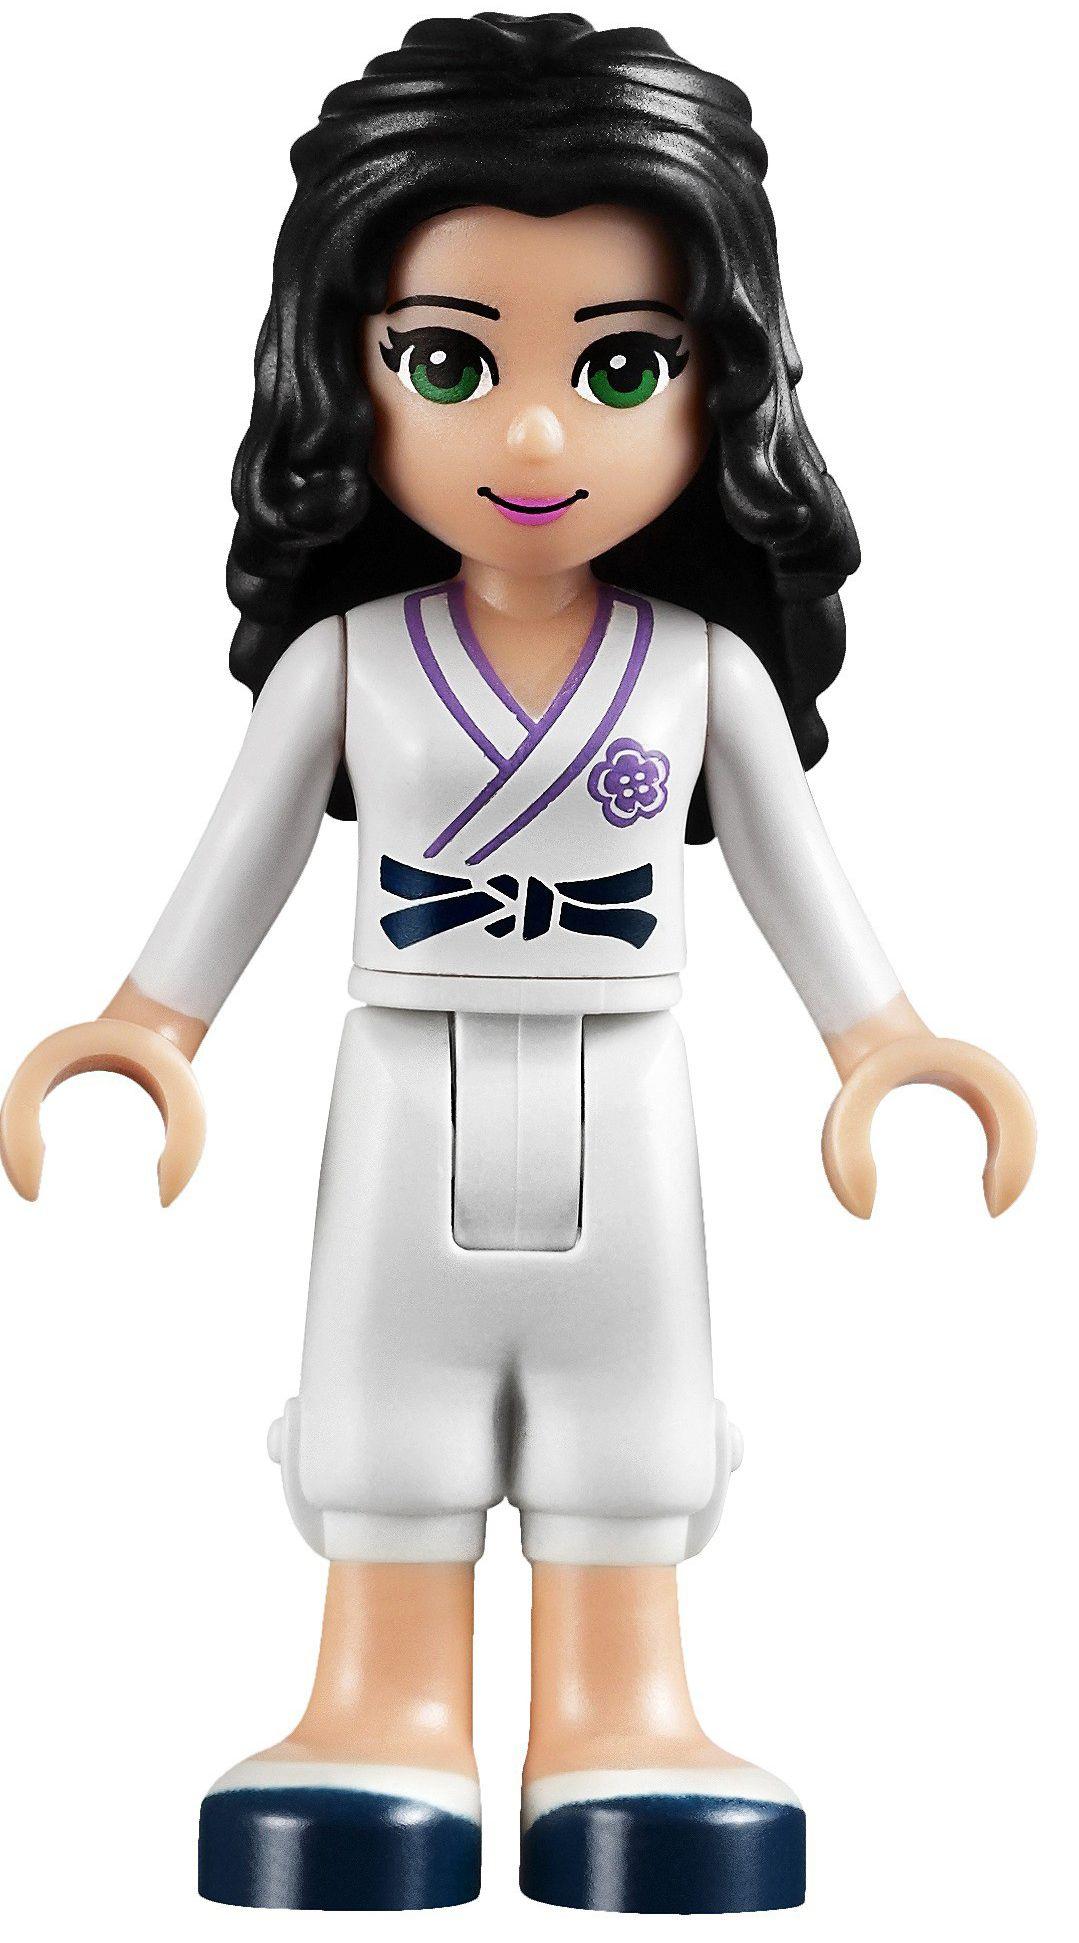 Emma Lego Friends Wiki Fandom Powered By Wikia